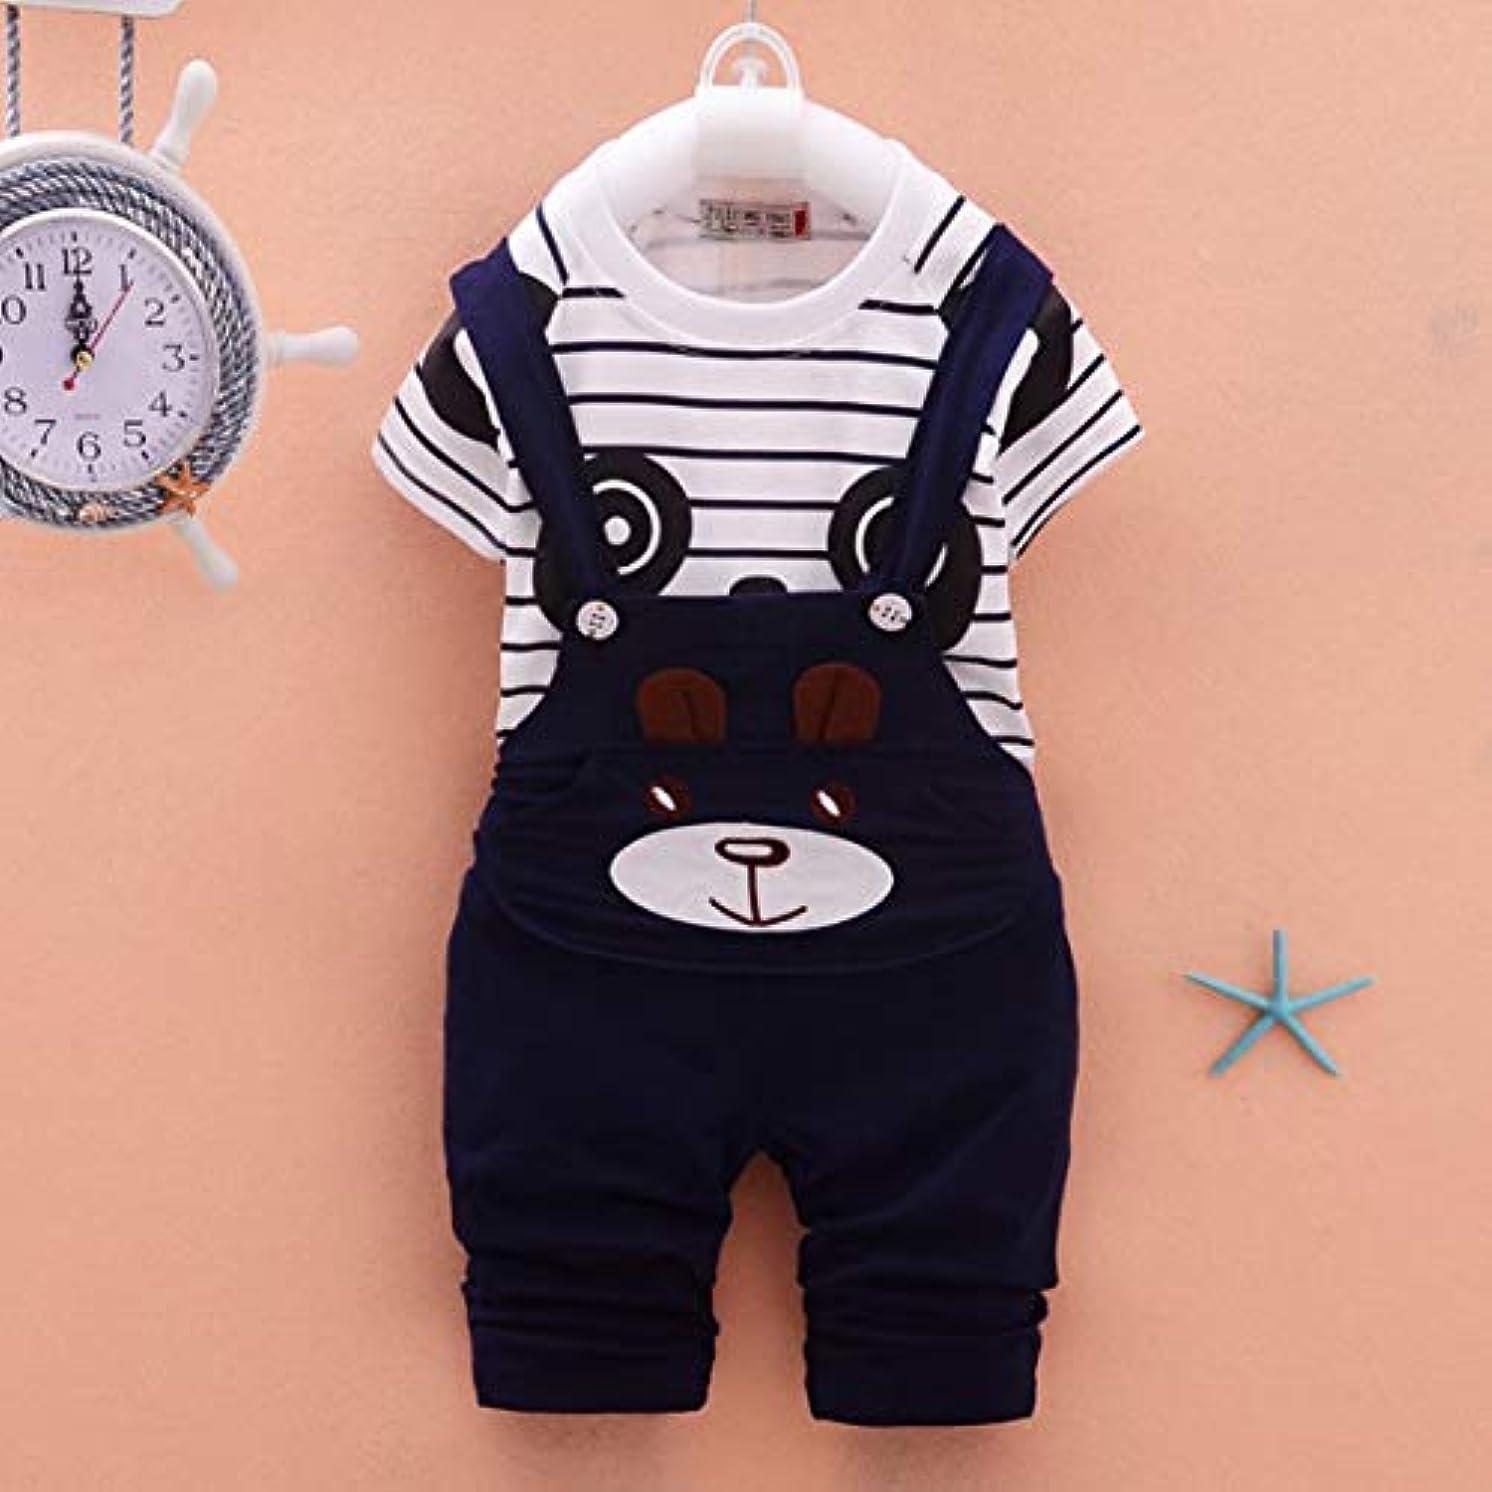 詩人のためにダニキッズスポーツスーツソフトコットンストライププリント漫画パンダ赤ちゃん半袖スーツ子供Tシャツとロンパース服セット-ネイビーブルー-12